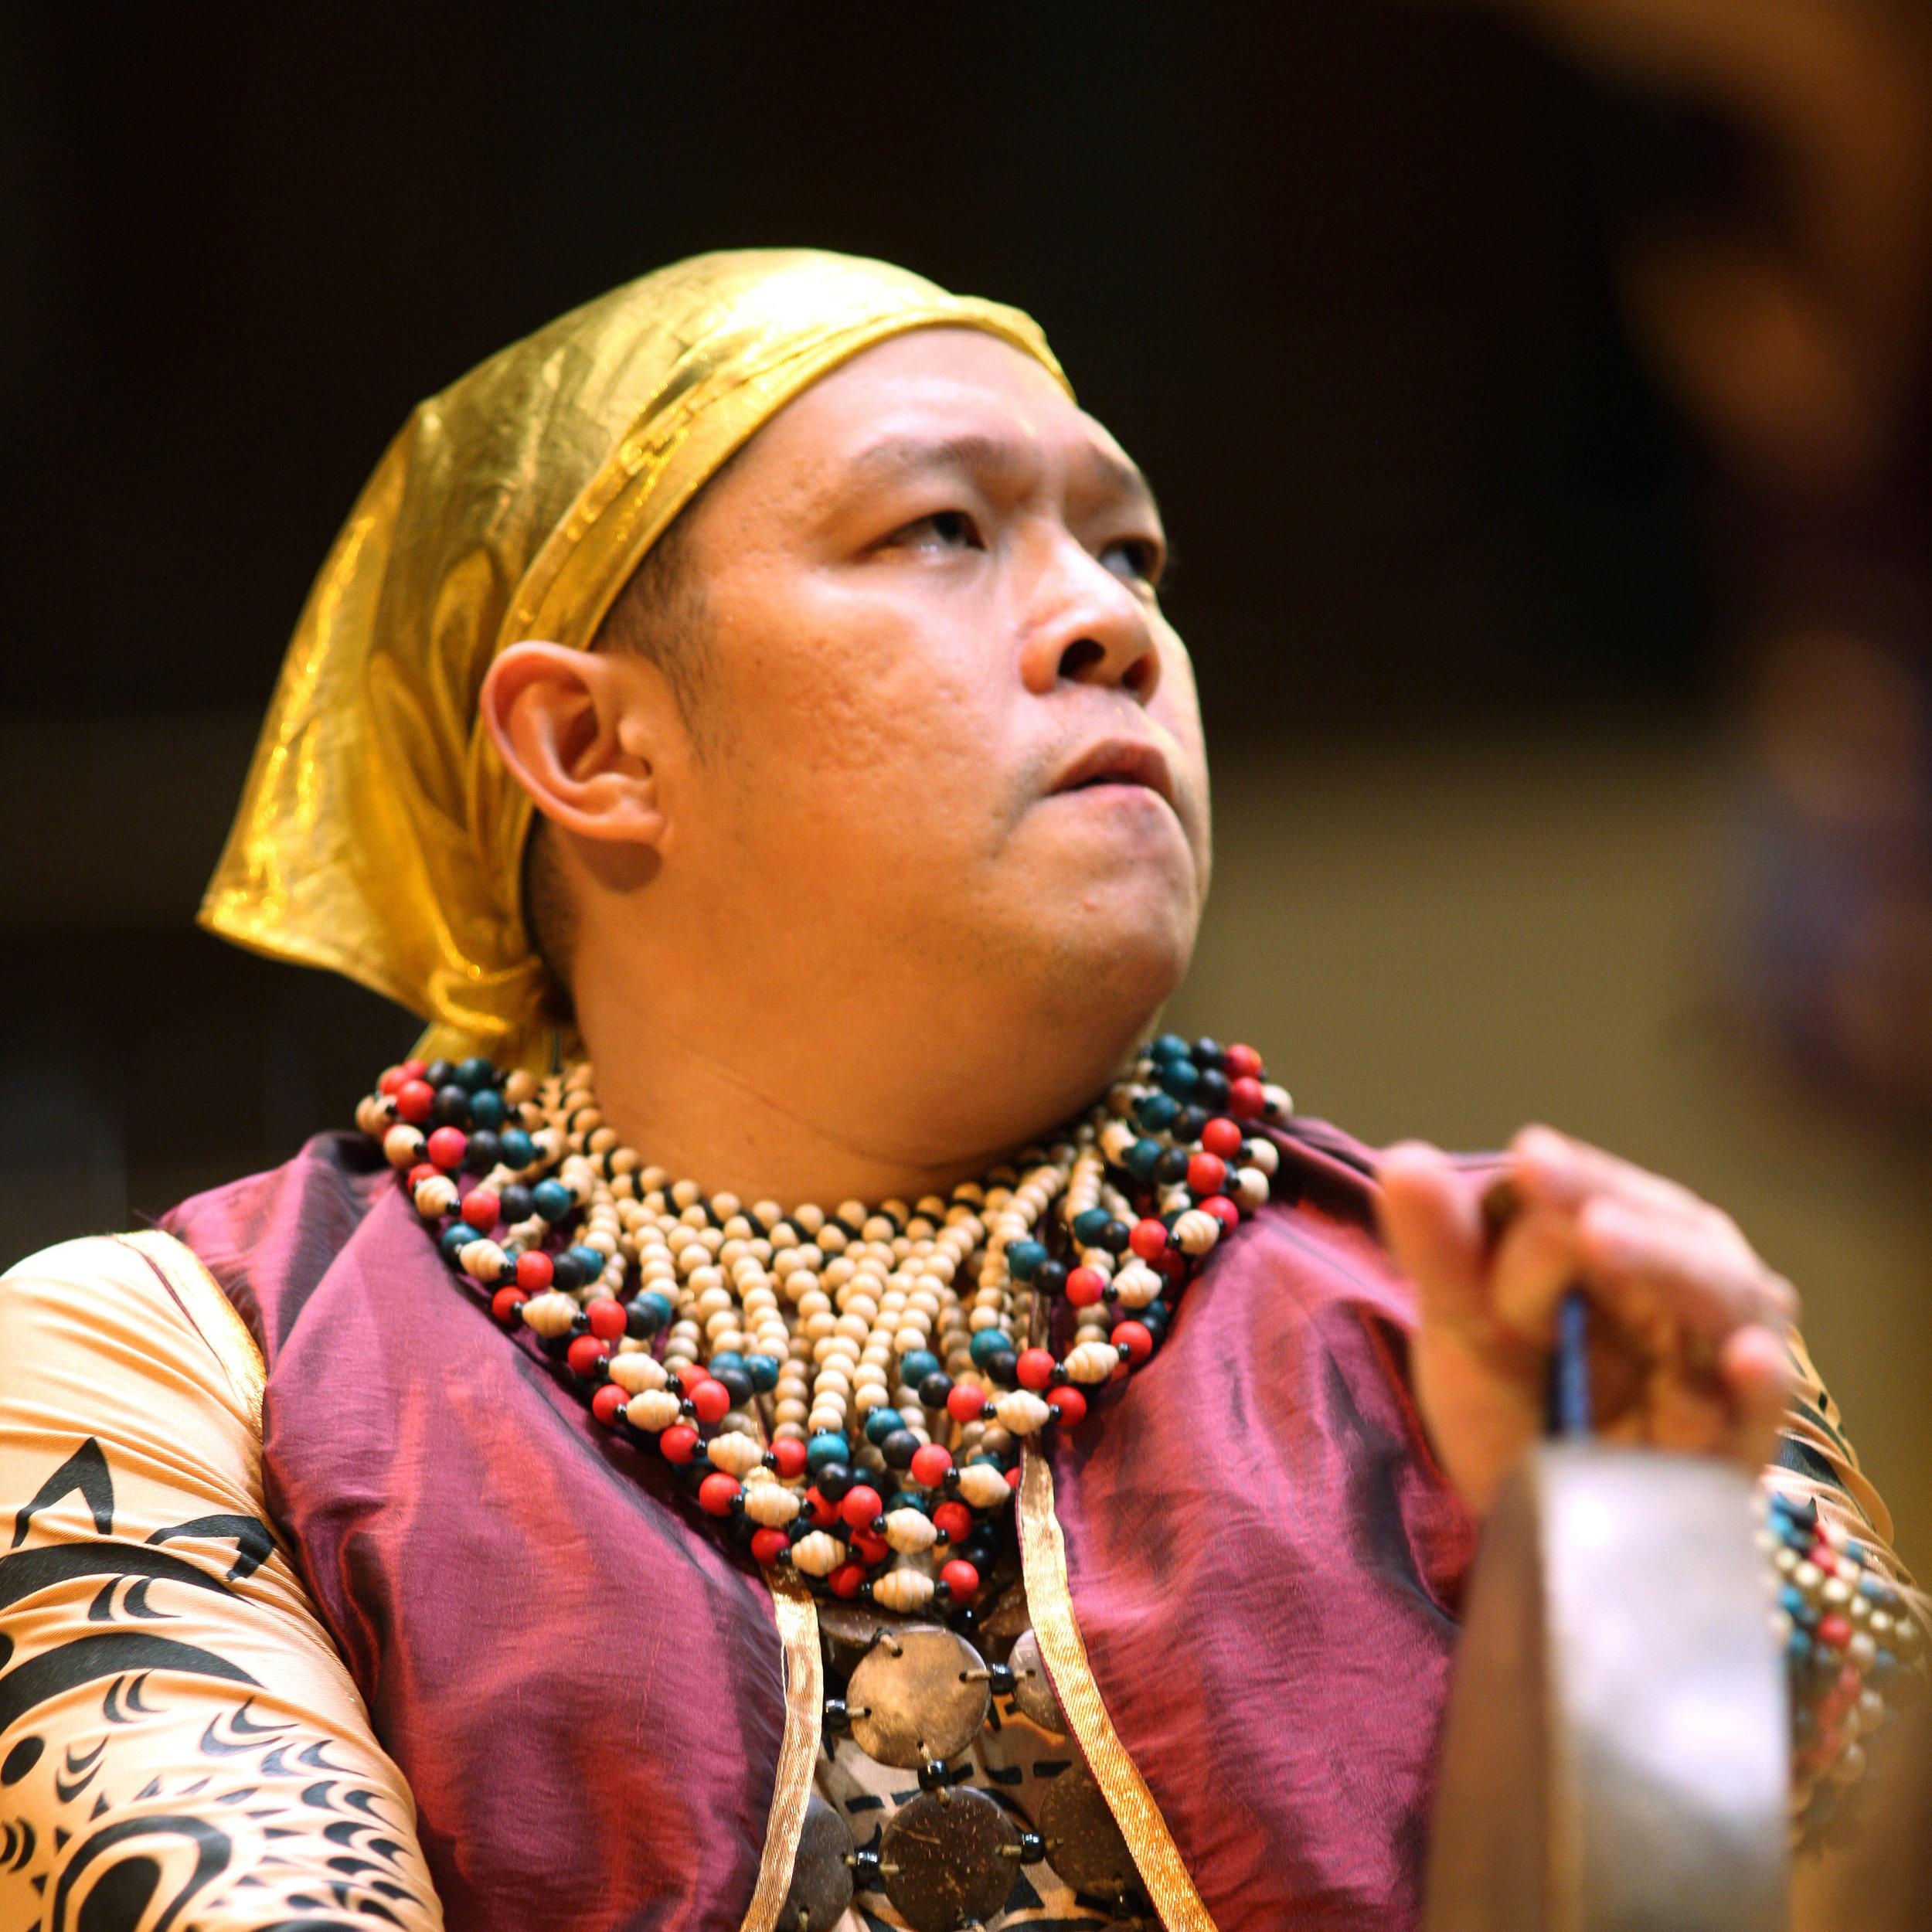 指揮 conductor  蘇嘉羅  Dennis Sugarol